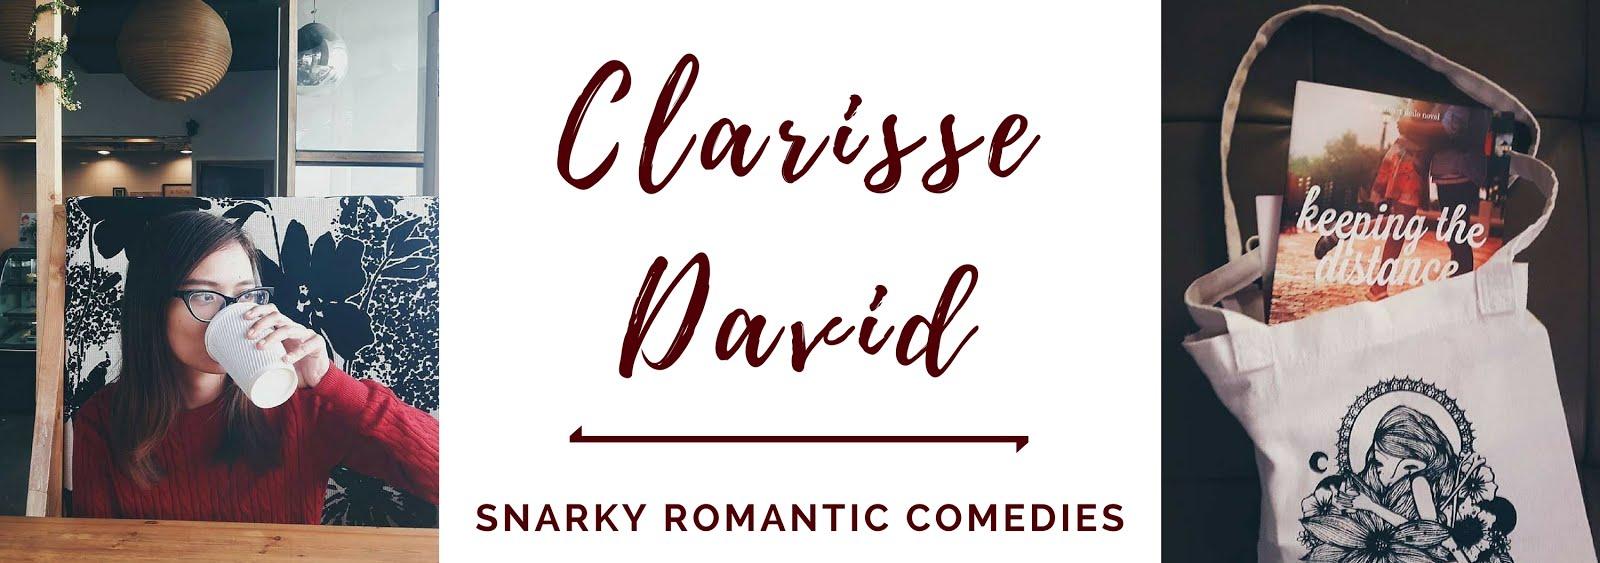 Clarisse David